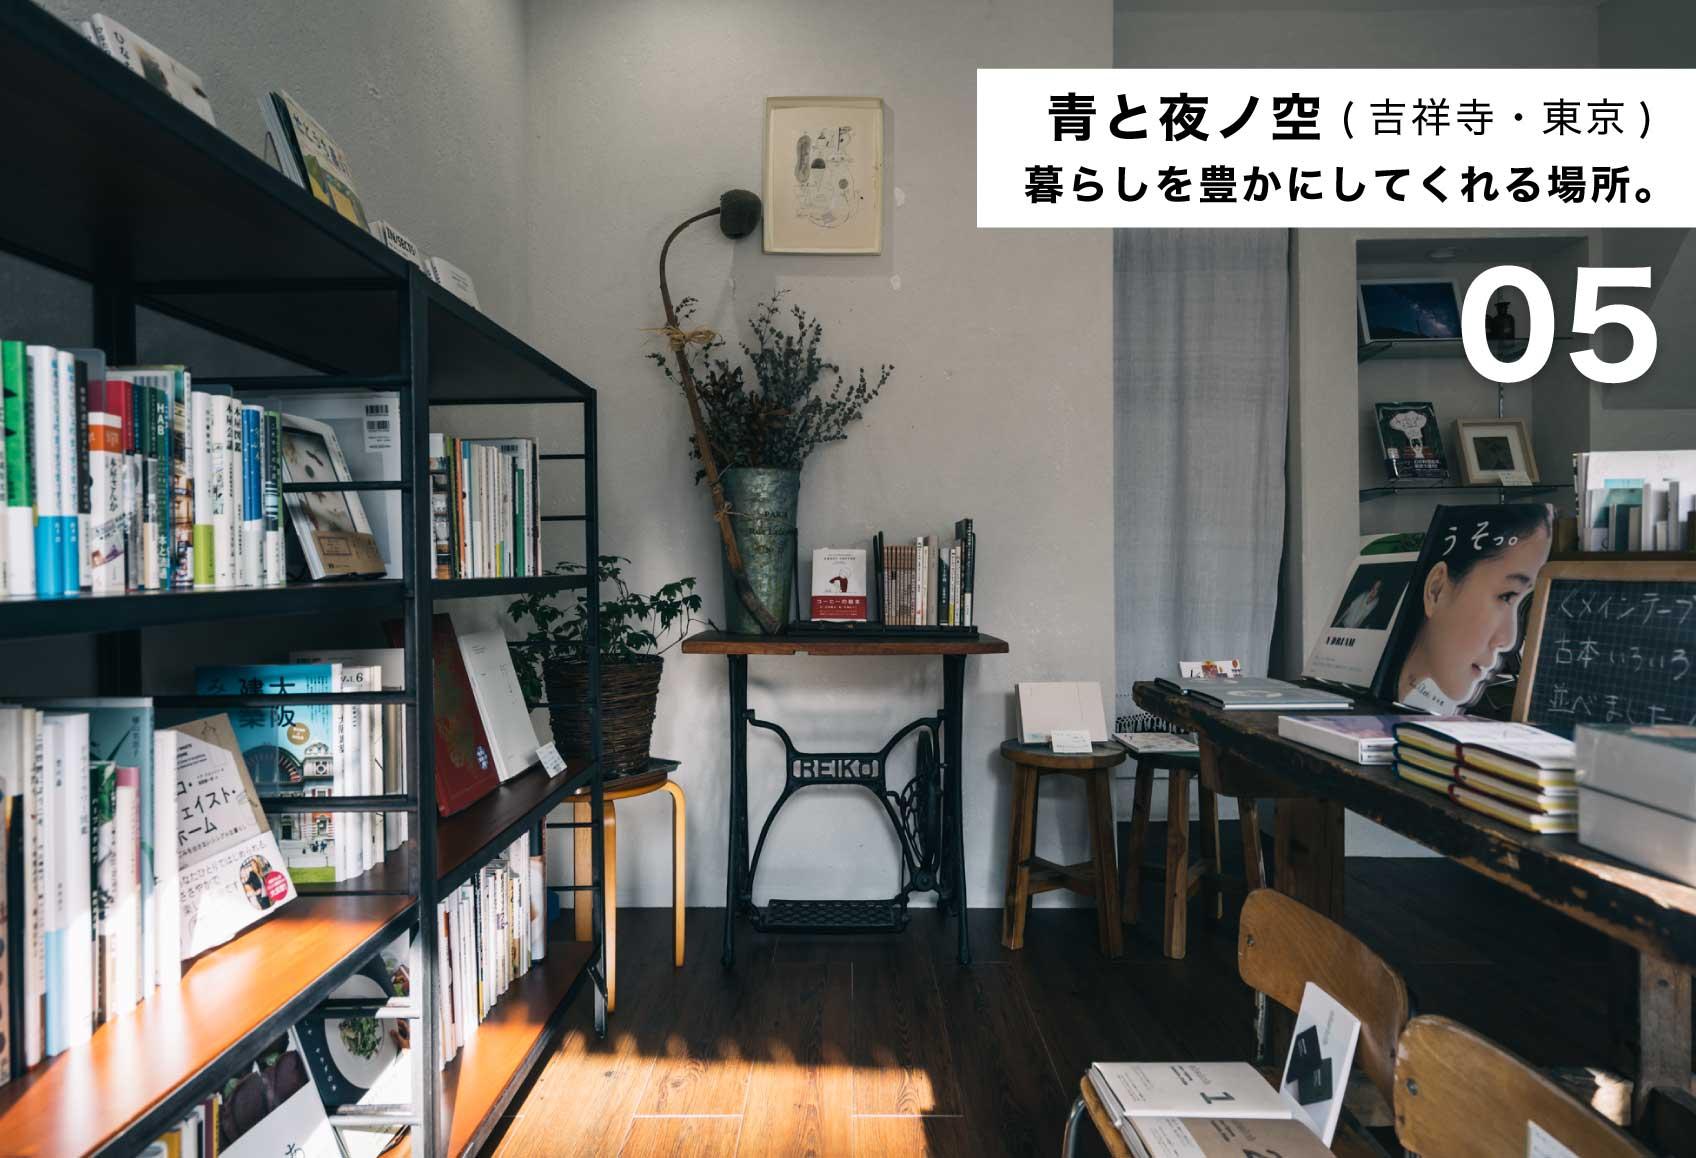 05 青と夜ノ空 吉祥寺・東京